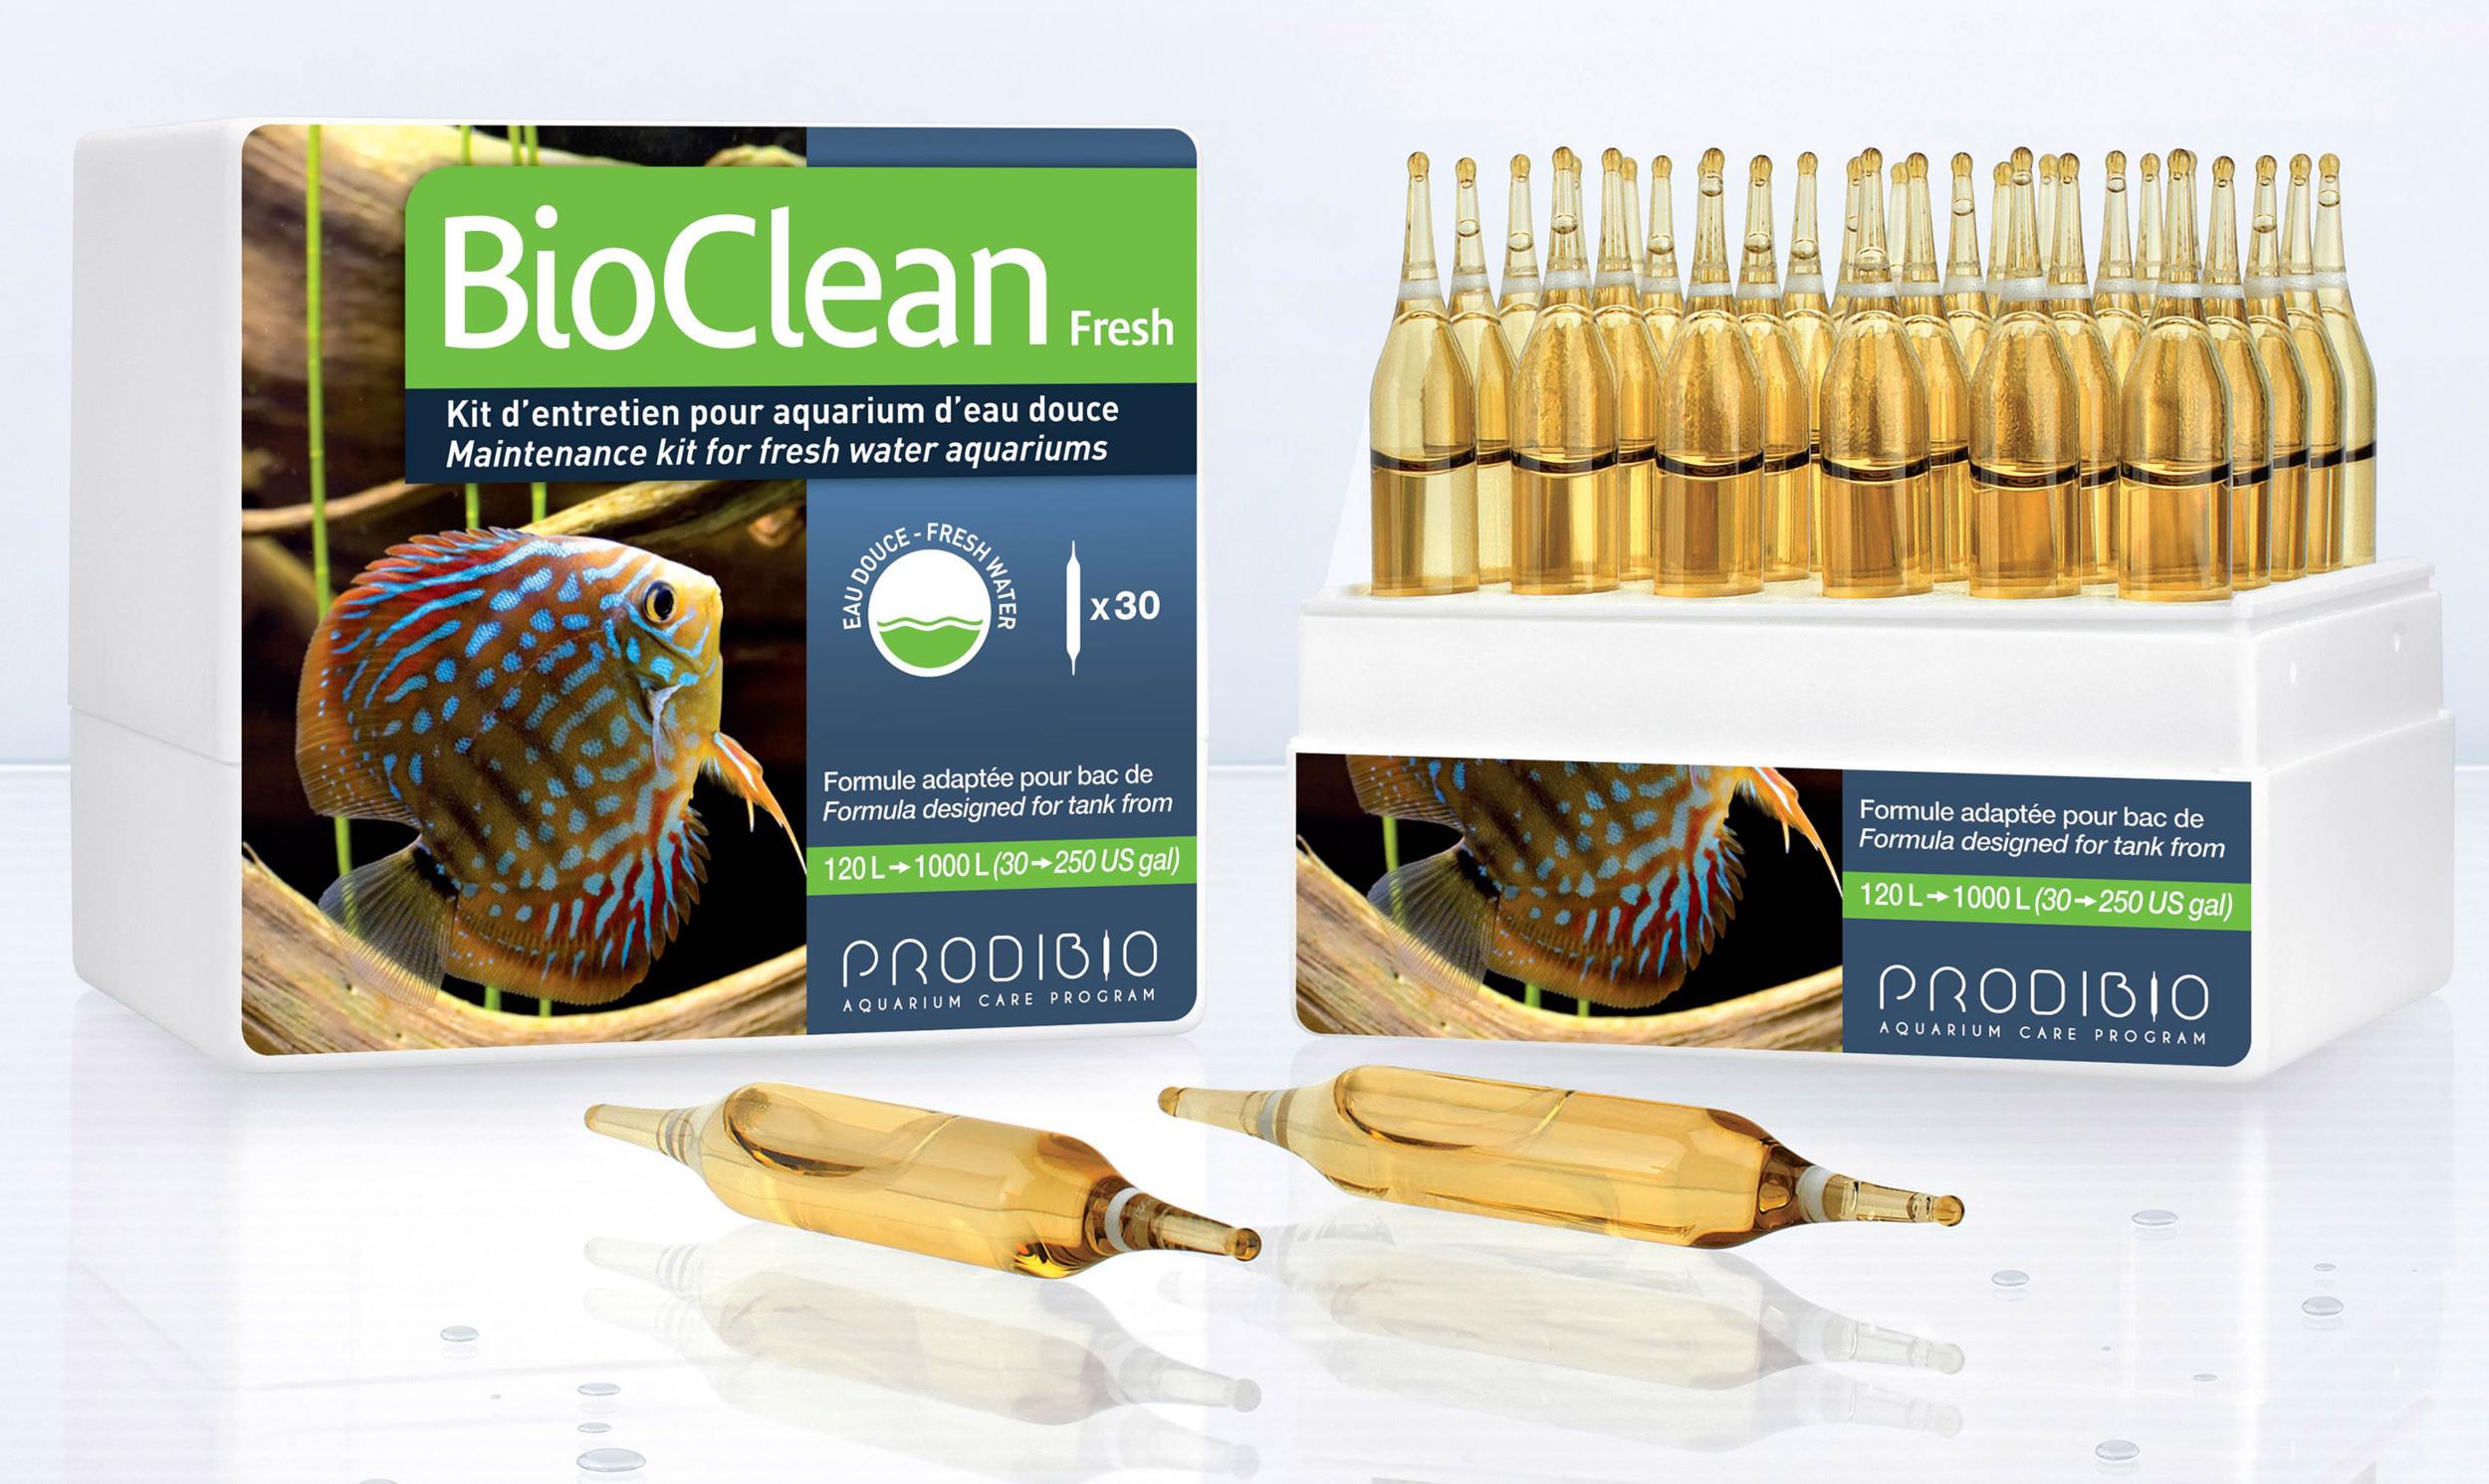 PRODIBIO BioClean Fresh 30 ampoules nettoie l\'aquarium et élimine naturellement les algues en eau douce. Traite jusqu\'à 6000 L